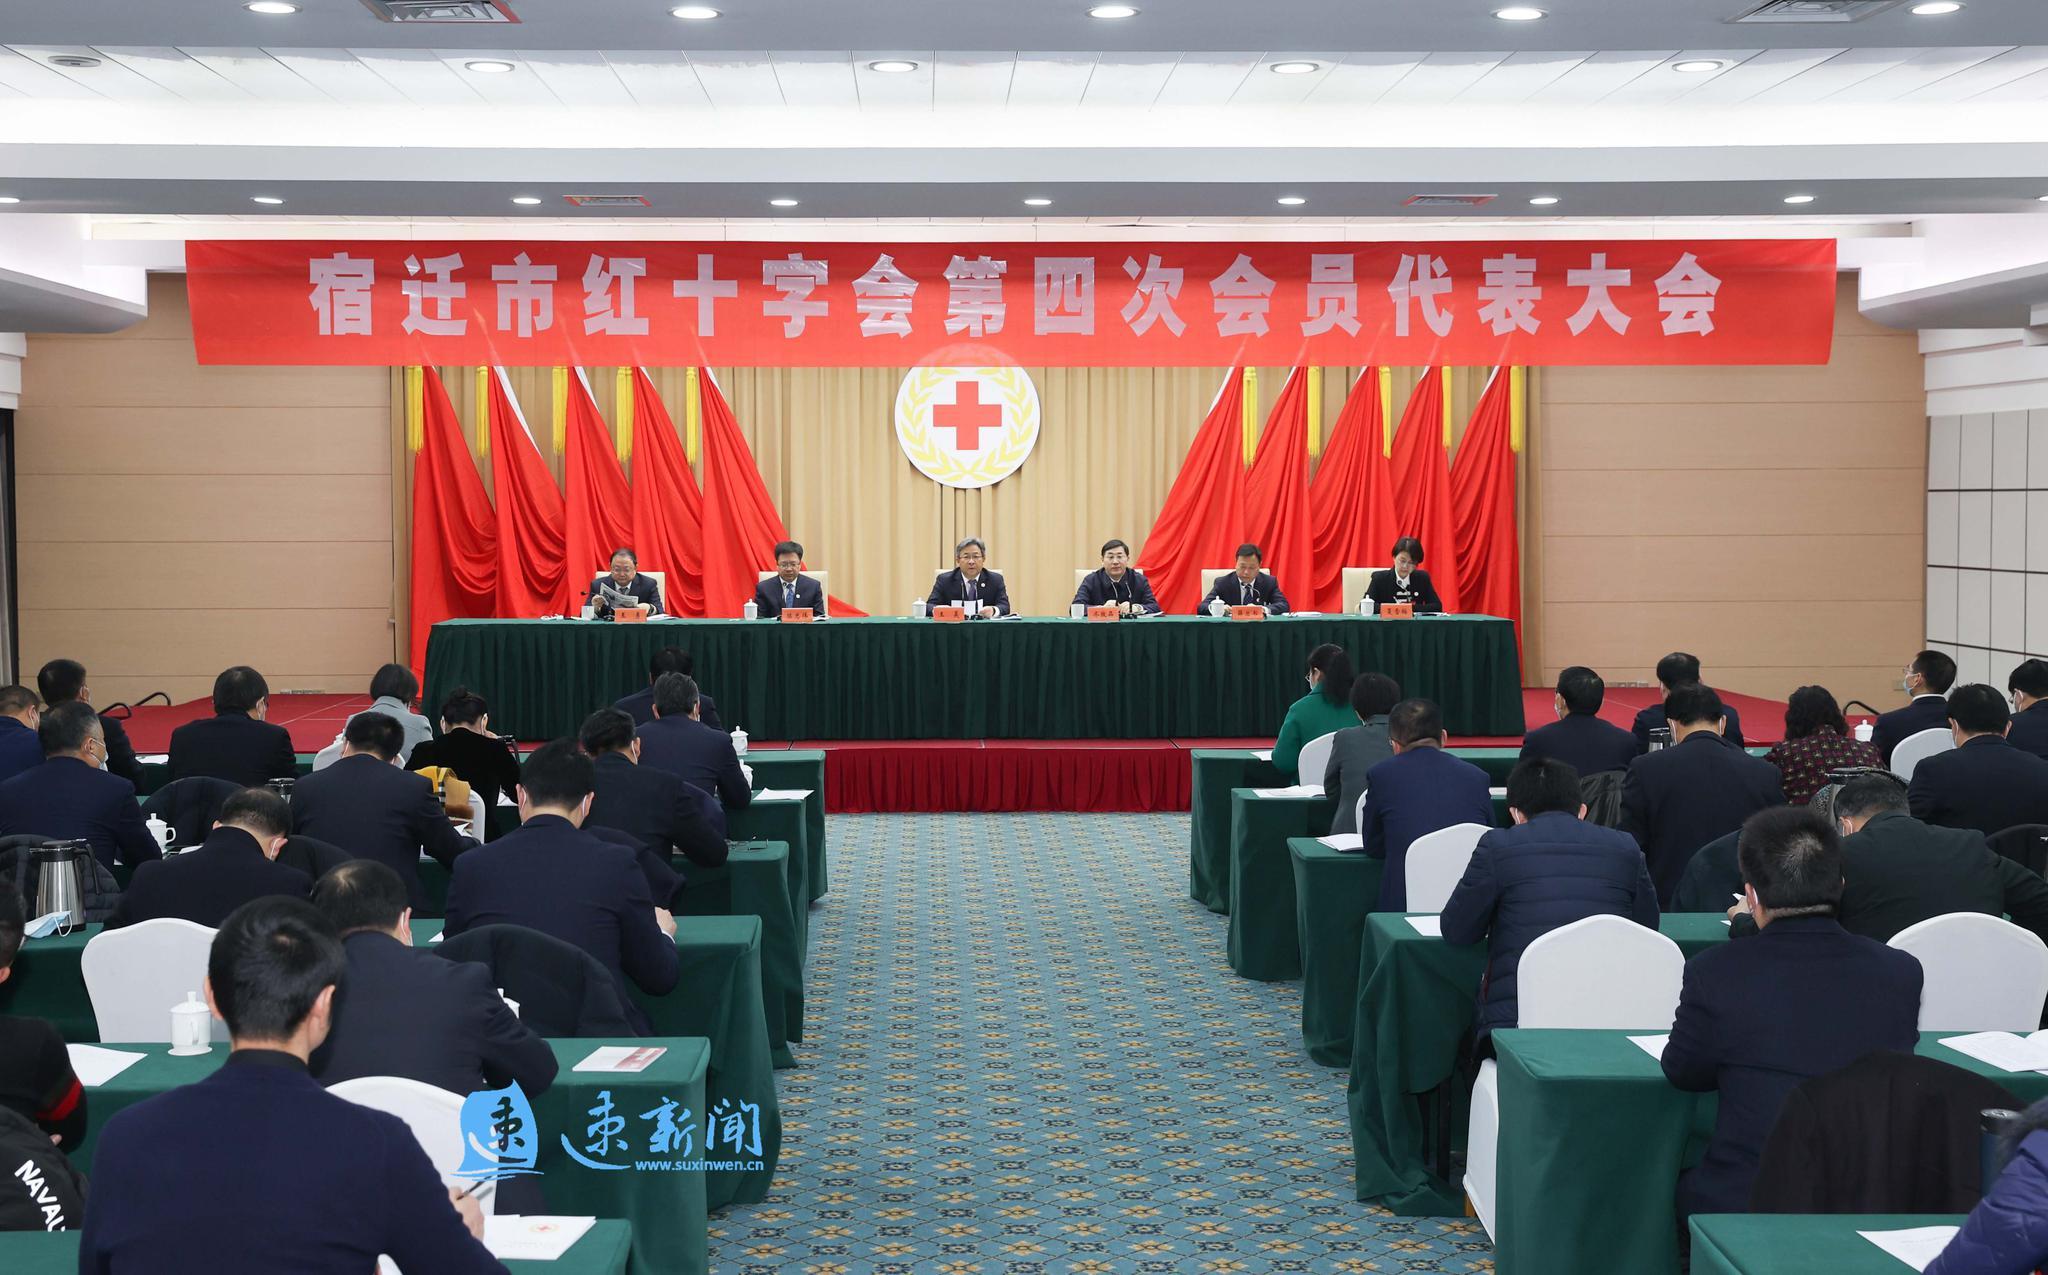 宿迁召开红十字会第四次会员代表大会,聘请王昊陈忠伟为宿迁市红十字会名誉会长